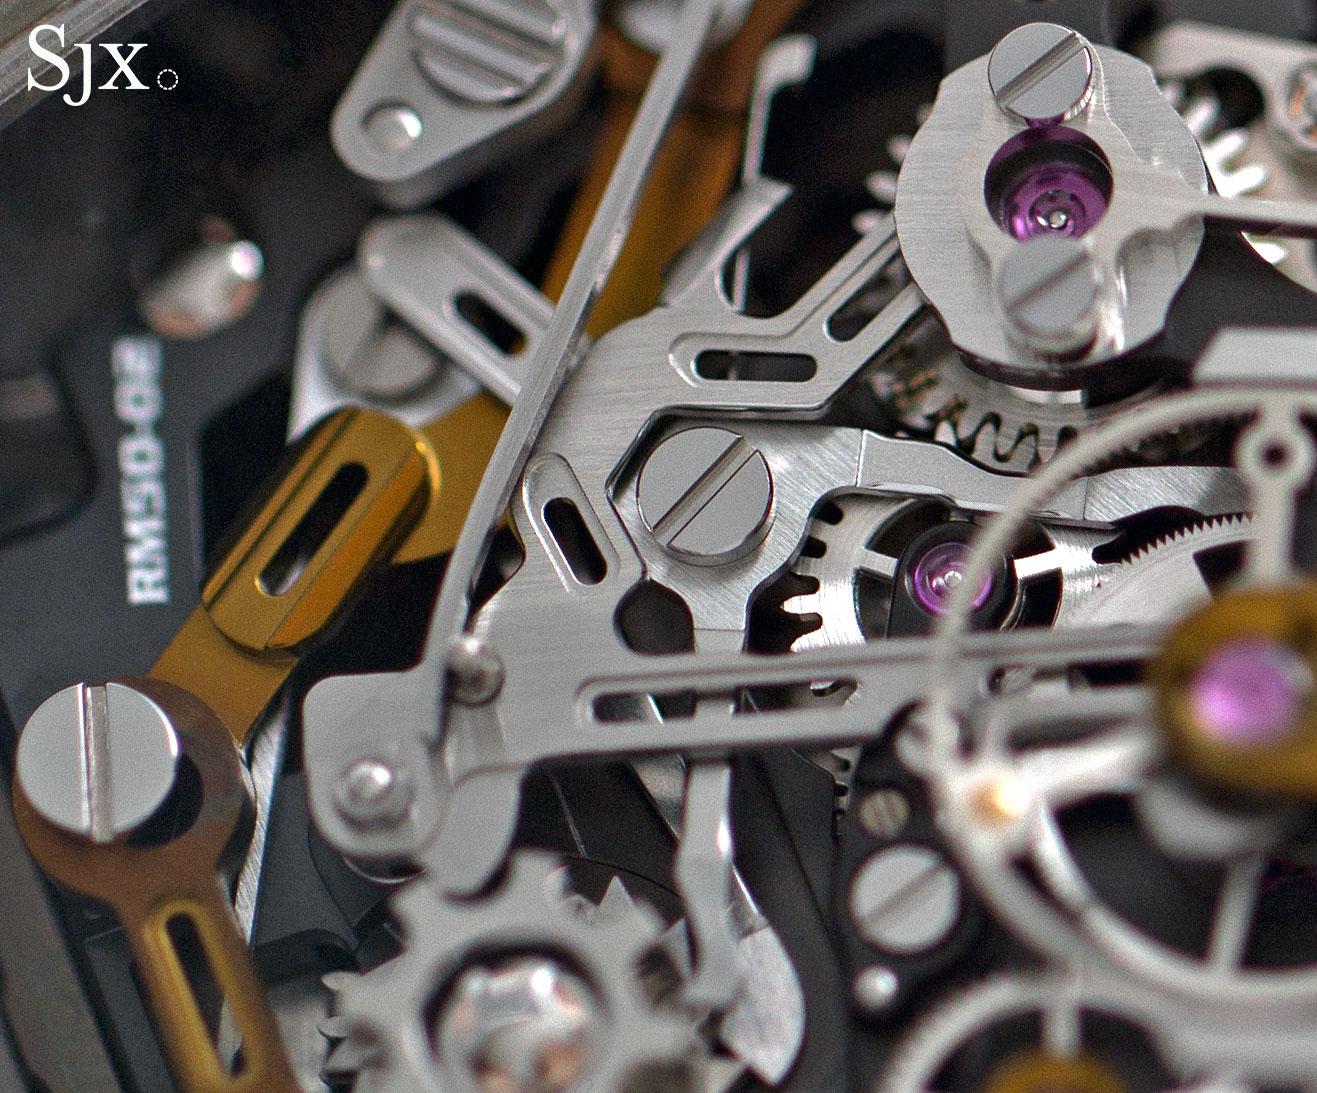 Richard Mille RM 50-02 ACJ Tourbillon Split Seconds Chronograph 19